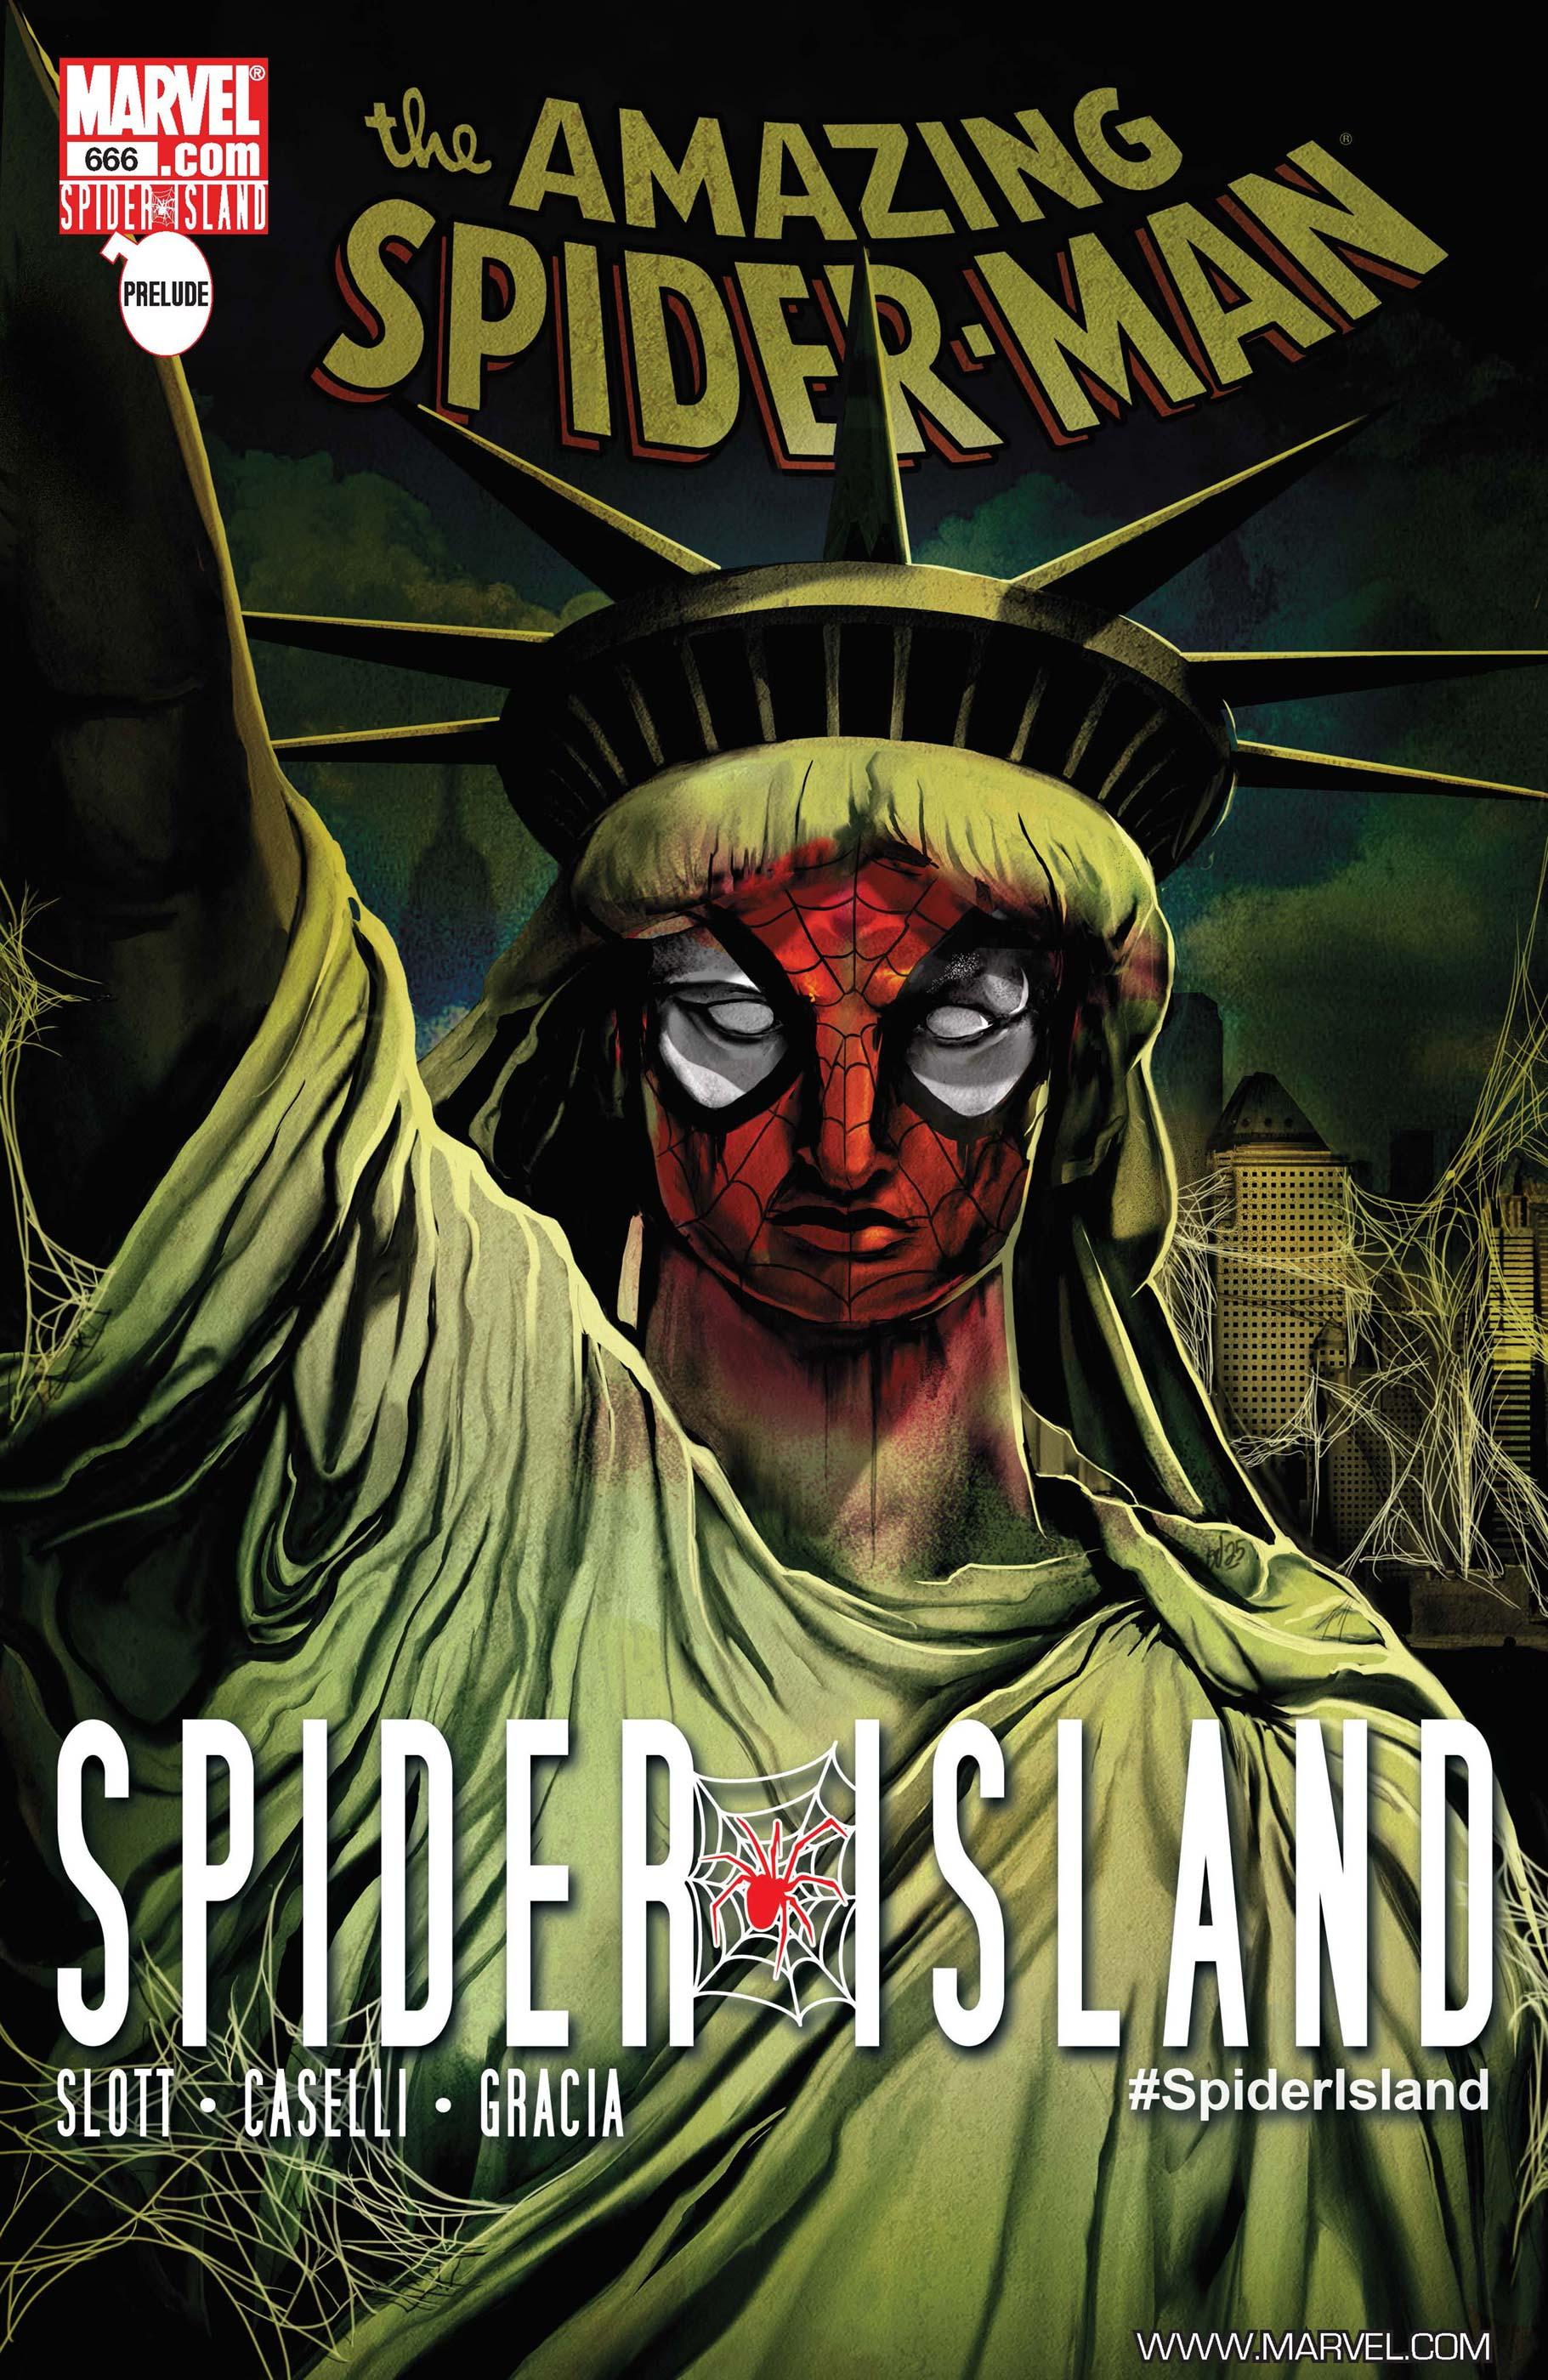 Amazing Spider-Man (1999) #666